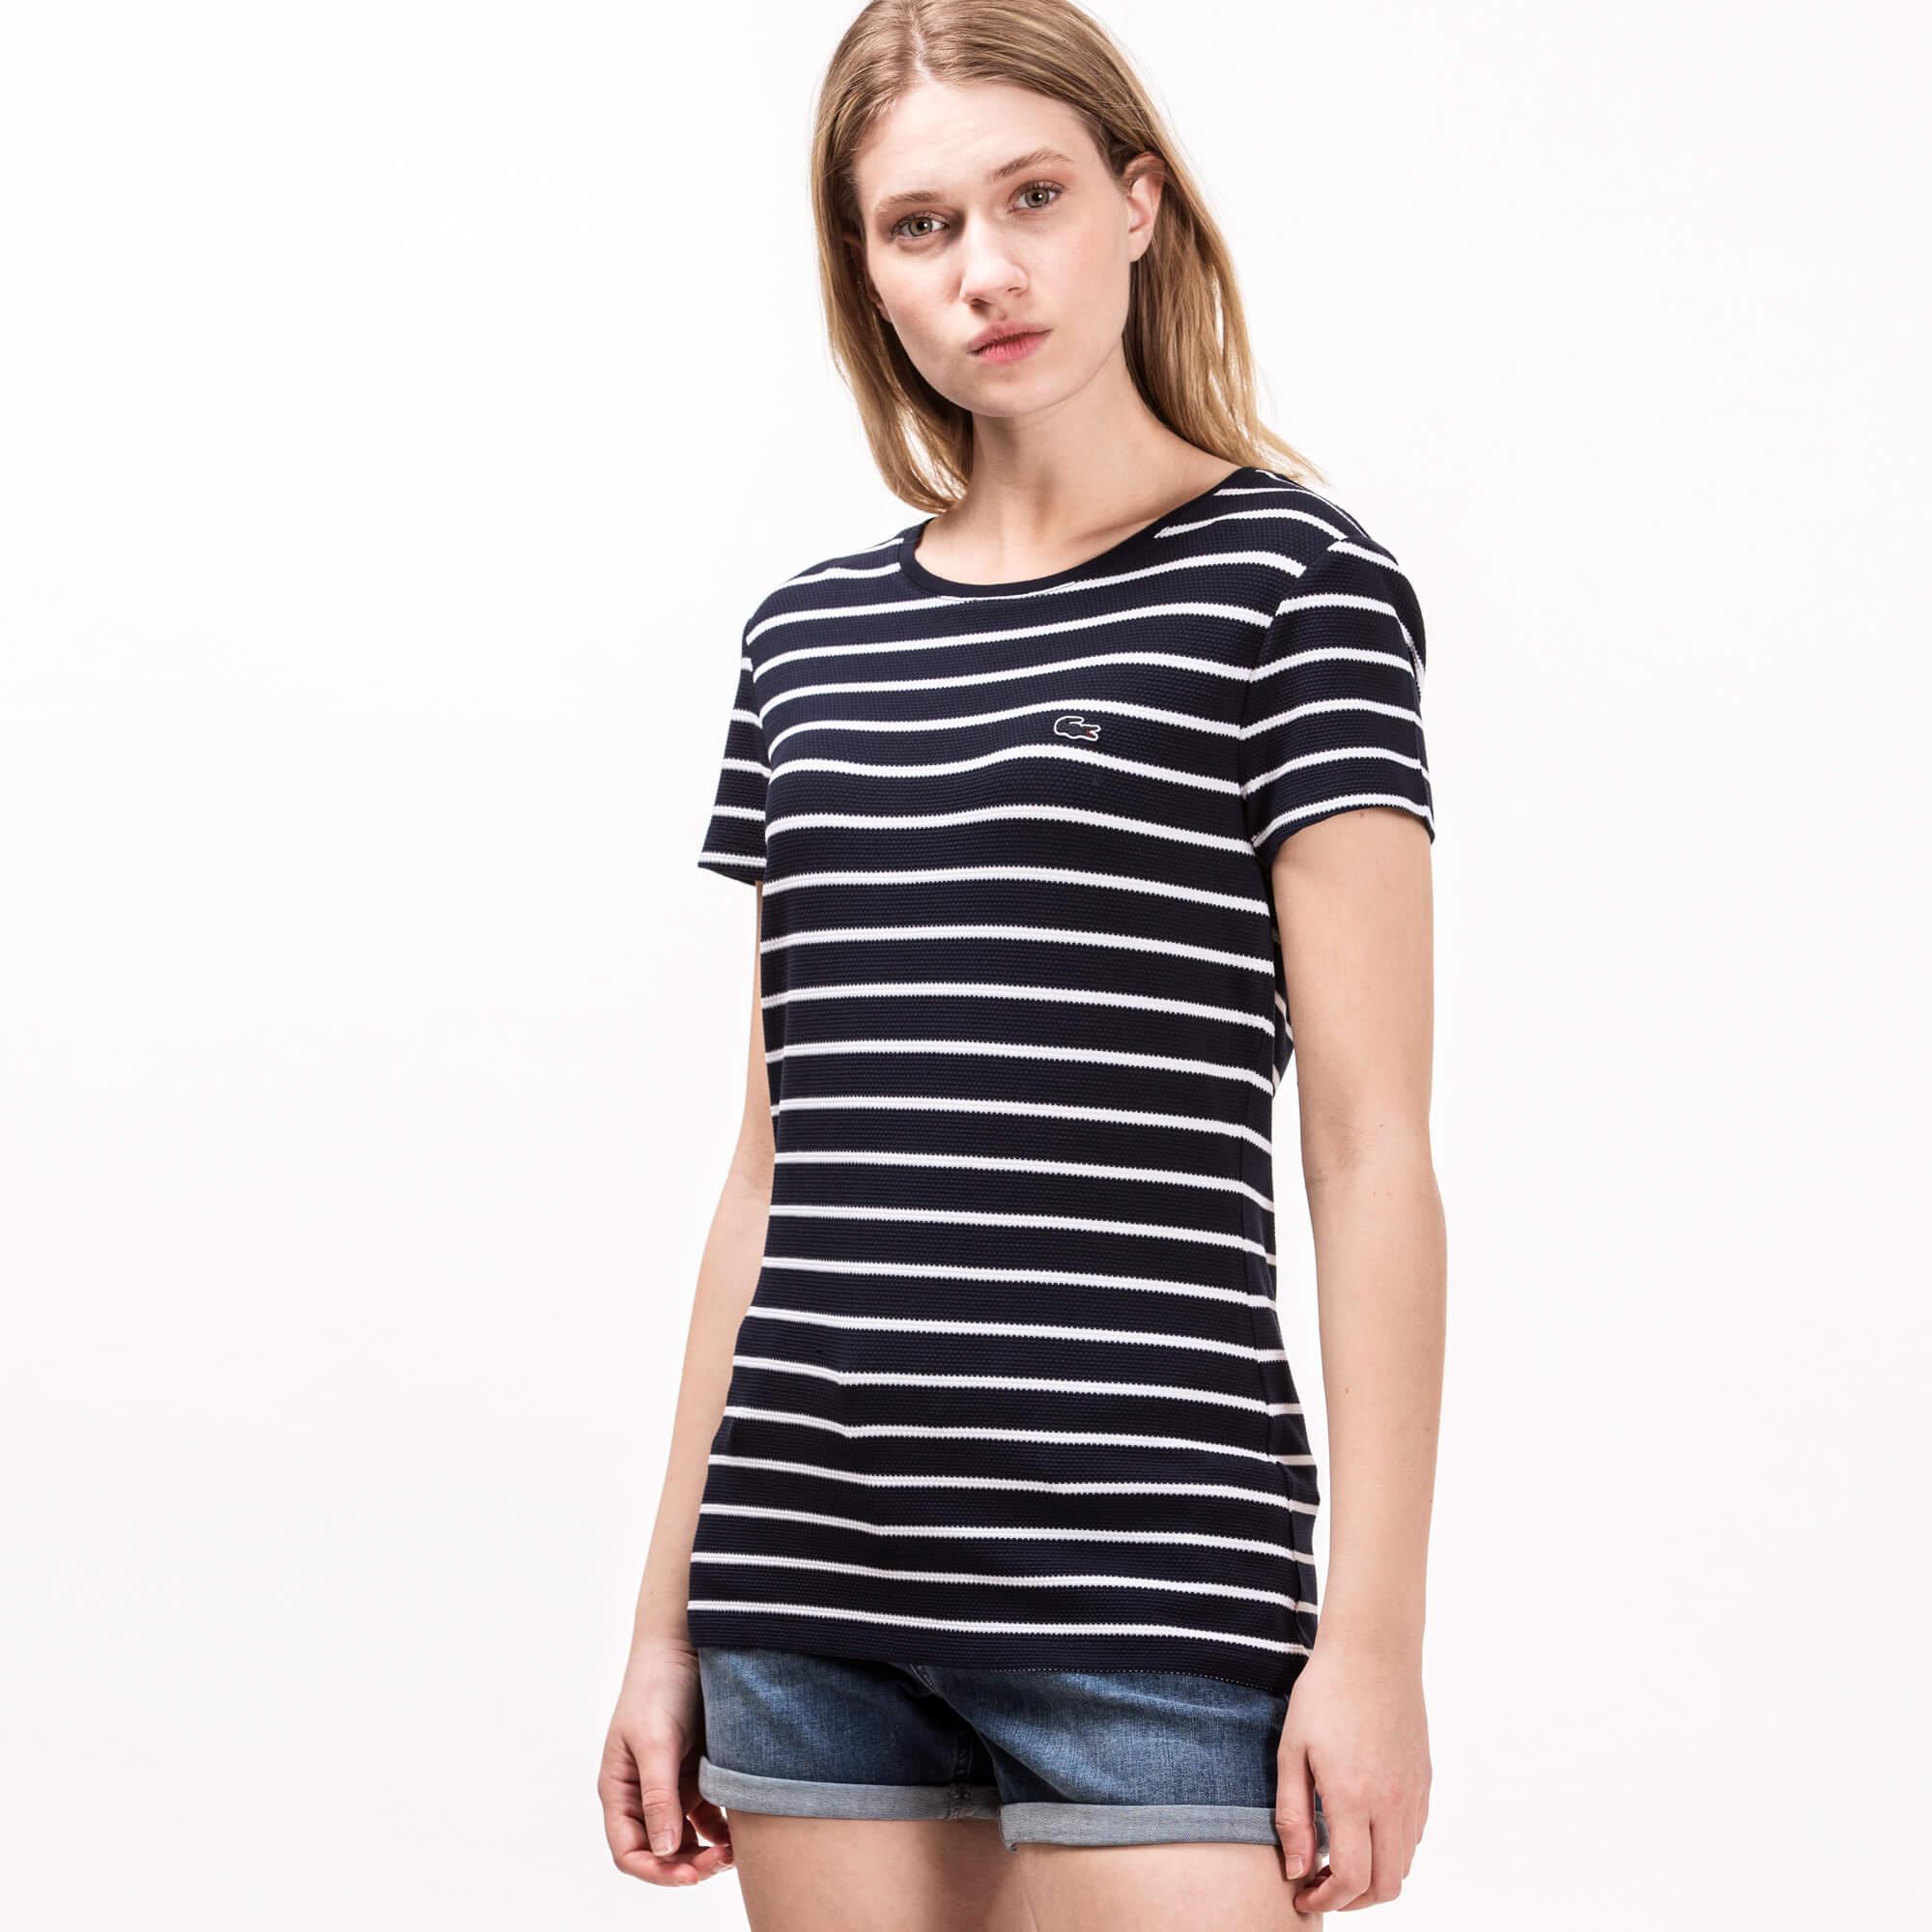 Lacoste Kadın Çizgili Lacivert T-Shirt